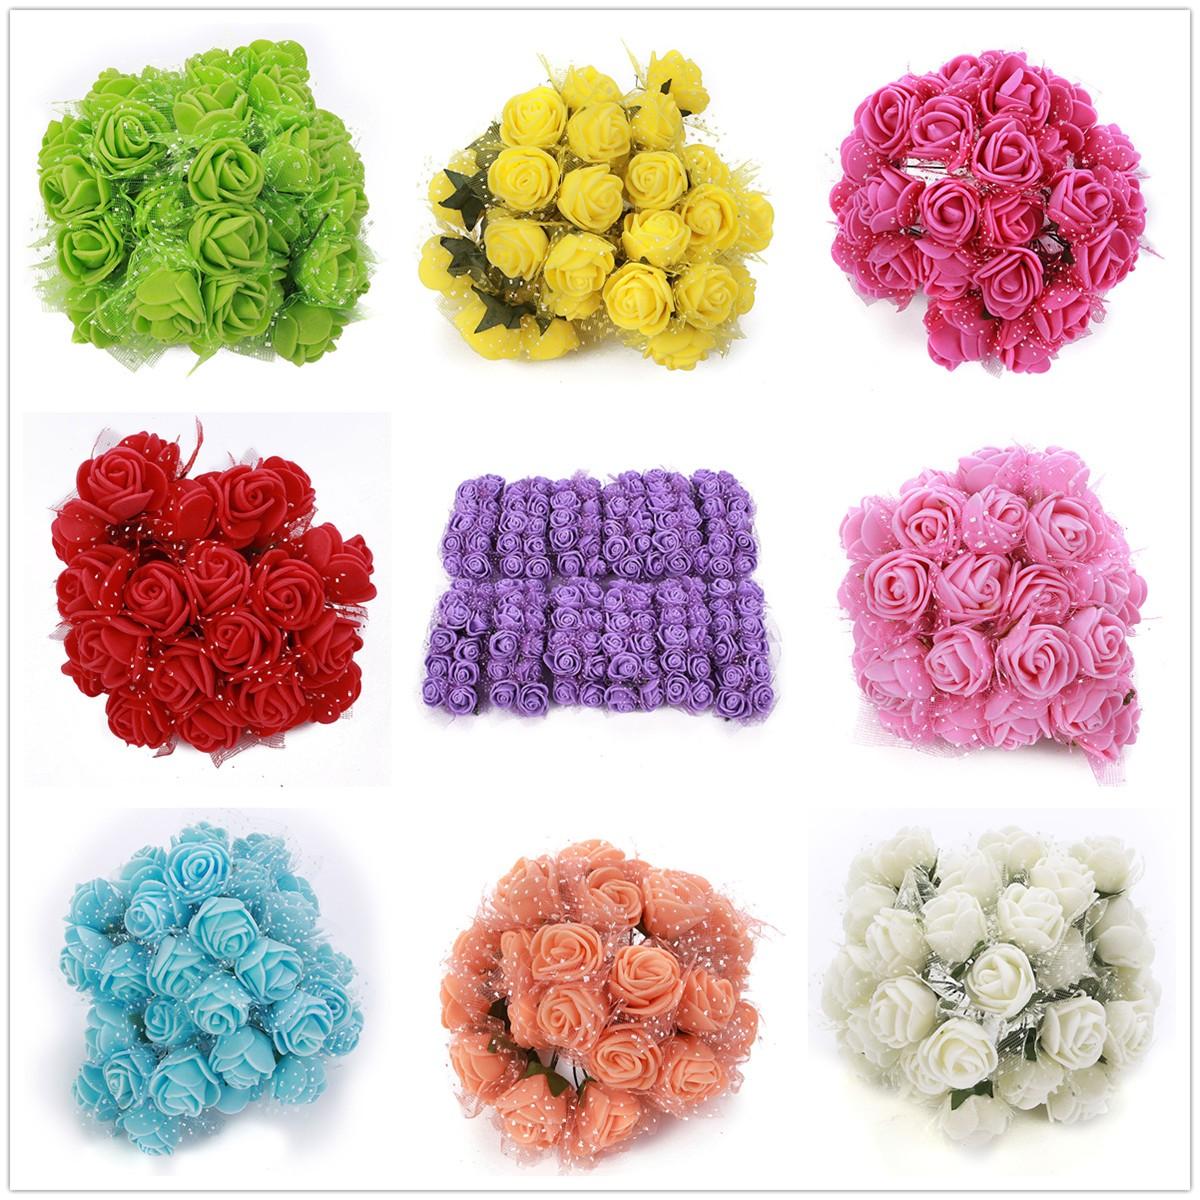 bouquet fleur artificielle mousse d co mariage maison 144pcs rouge achat vente fleur. Black Bedroom Furniture Sets. Home Design Ideas